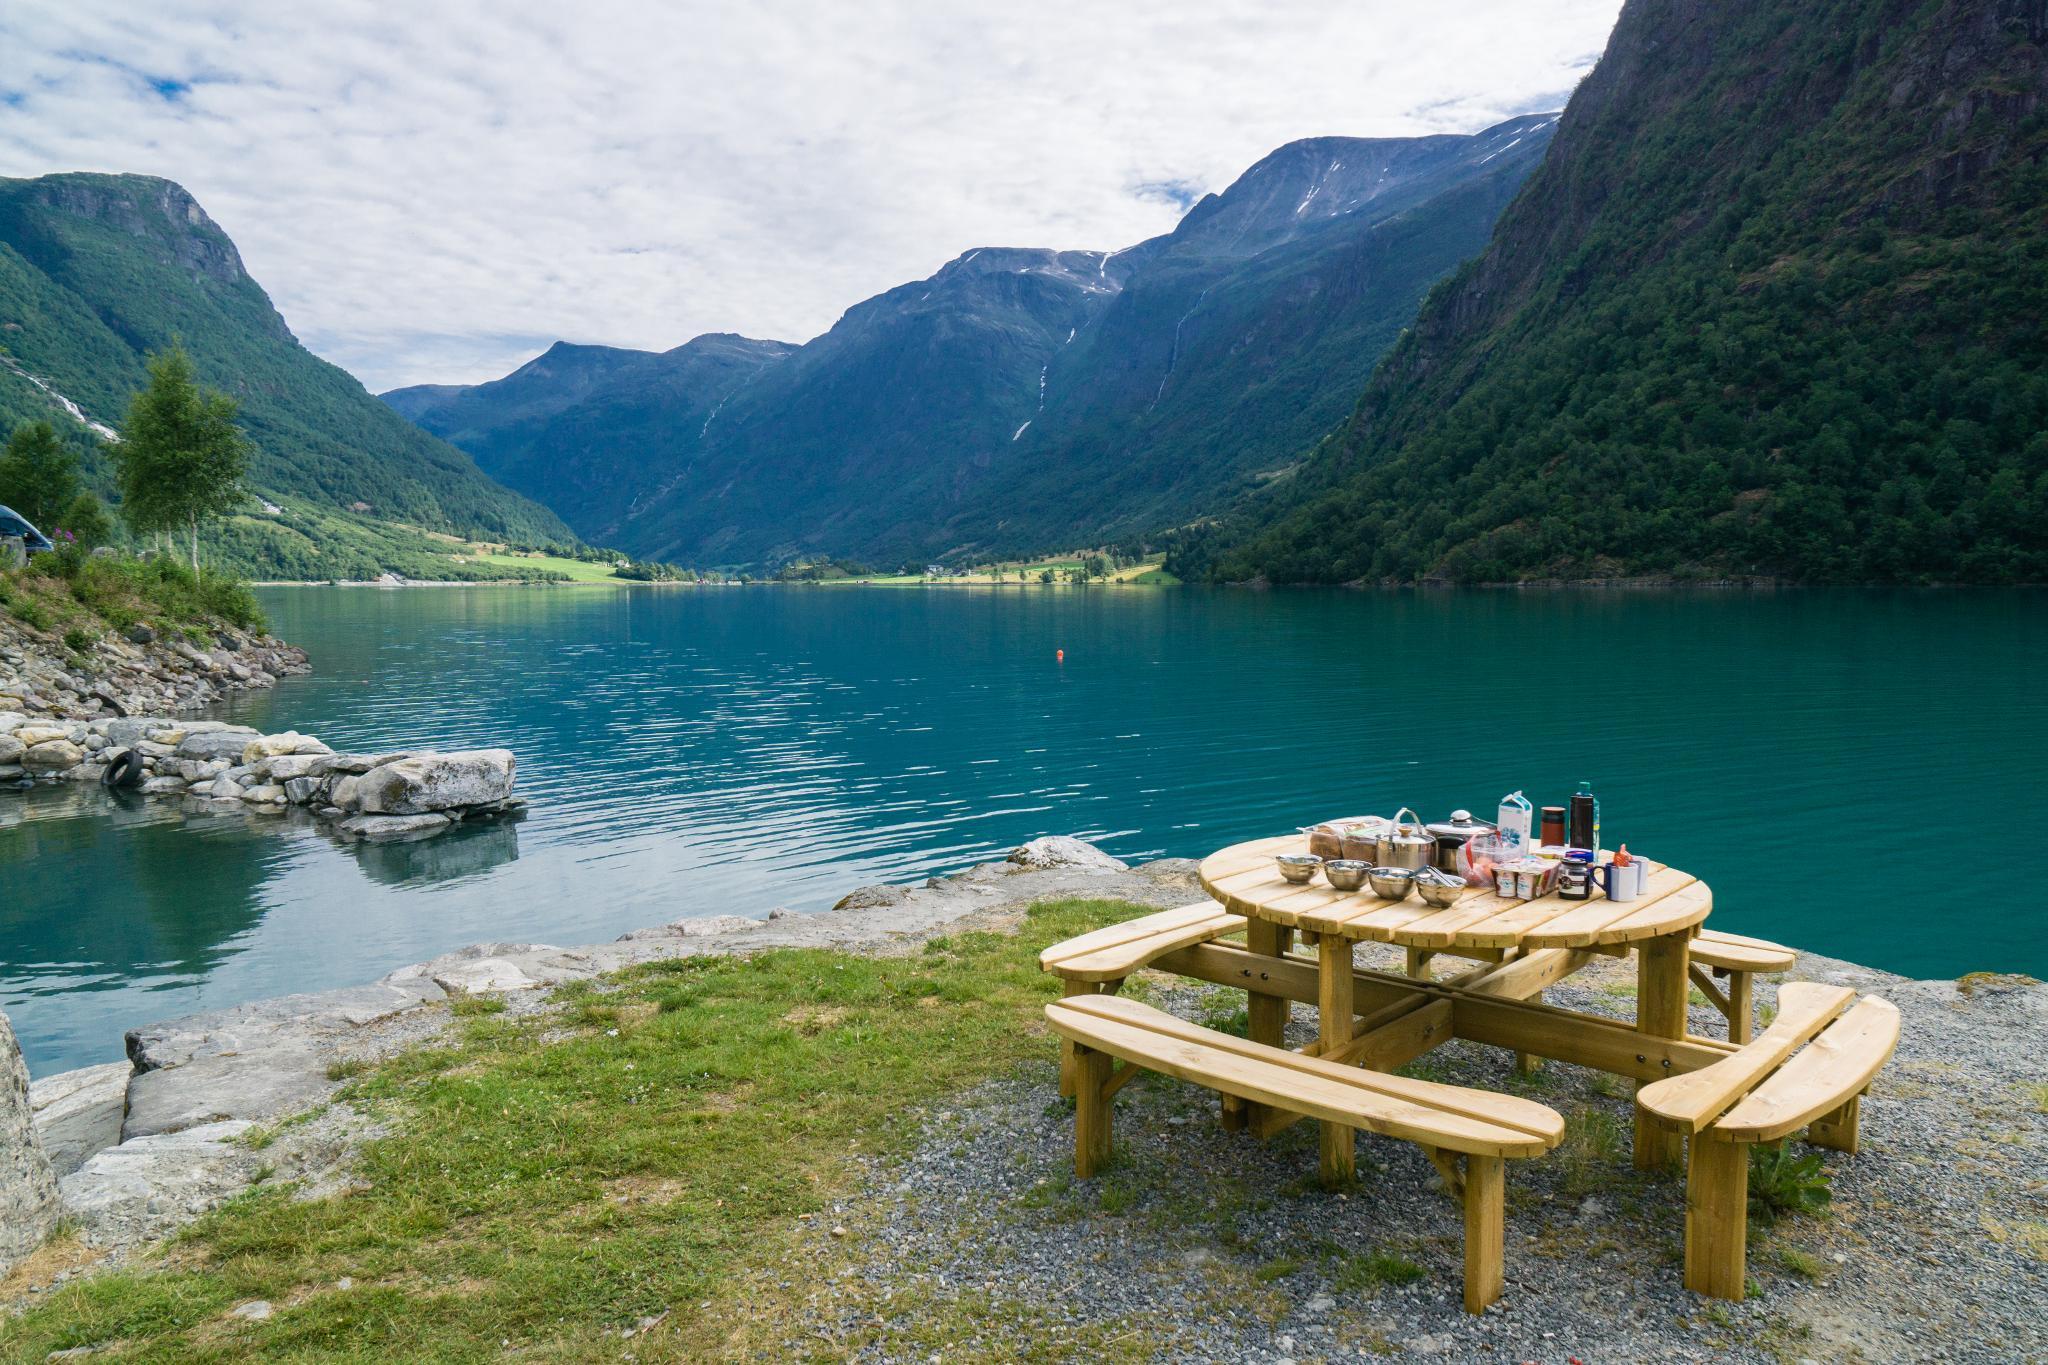 【北歐露營】擁抱Briksdal Glacier的怦然心動 - 在冰河最前緣露營的Gryta Camping 10